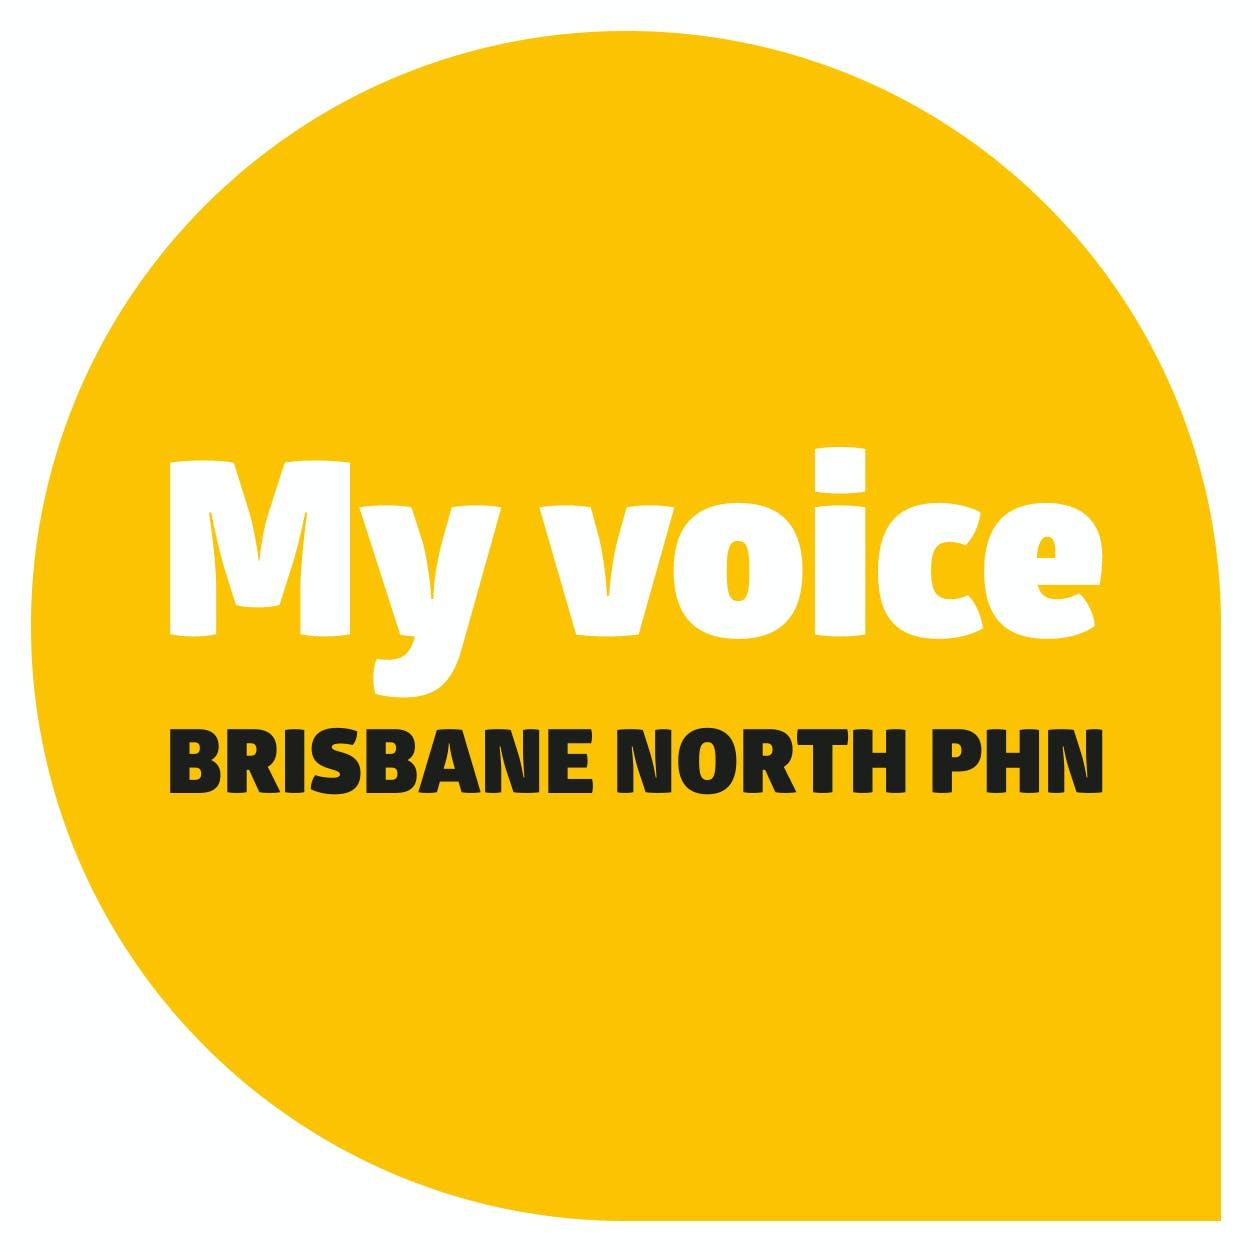 My voice Brisbane North PHN